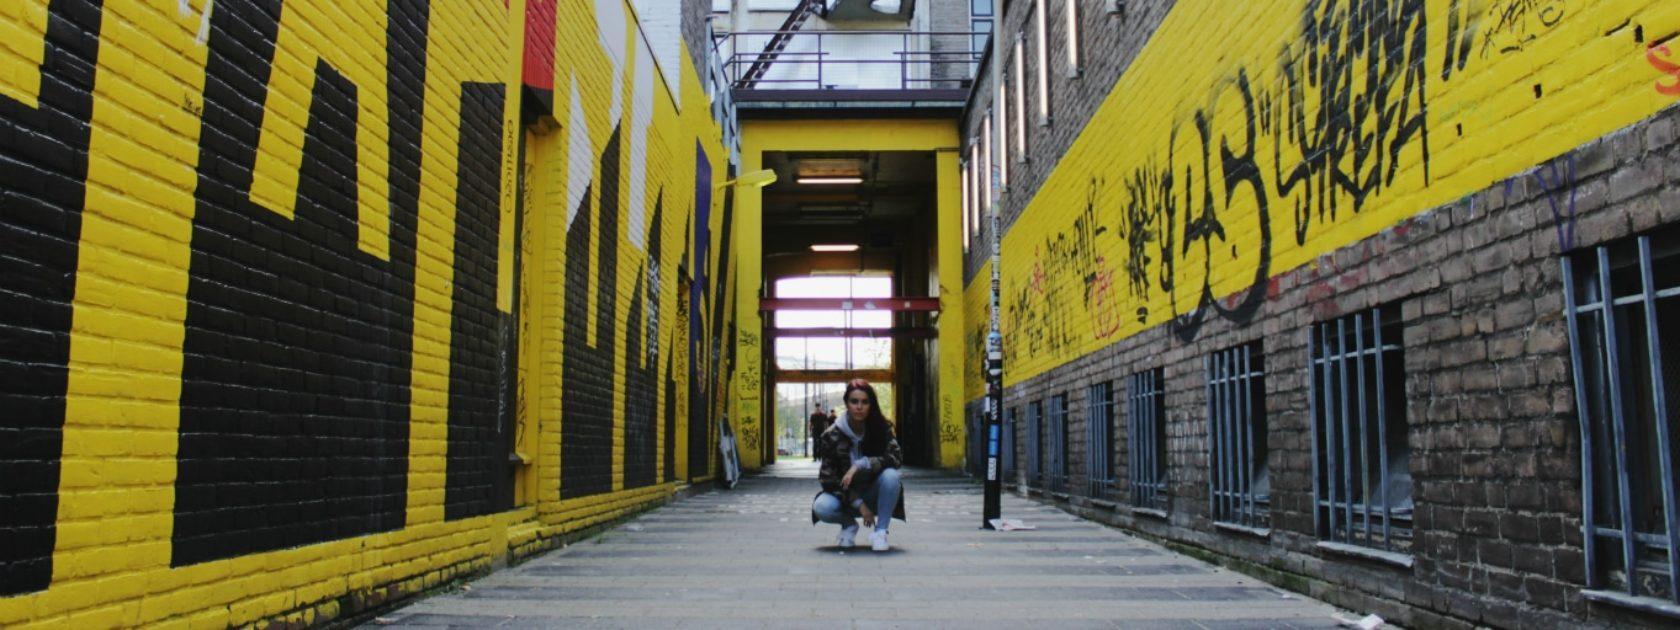 Silvie vertelt over haar favoriete plek in Rotterdam: het HipHopHuis! Zij is zelf een danser en komt hier dus vaak over de vloer.